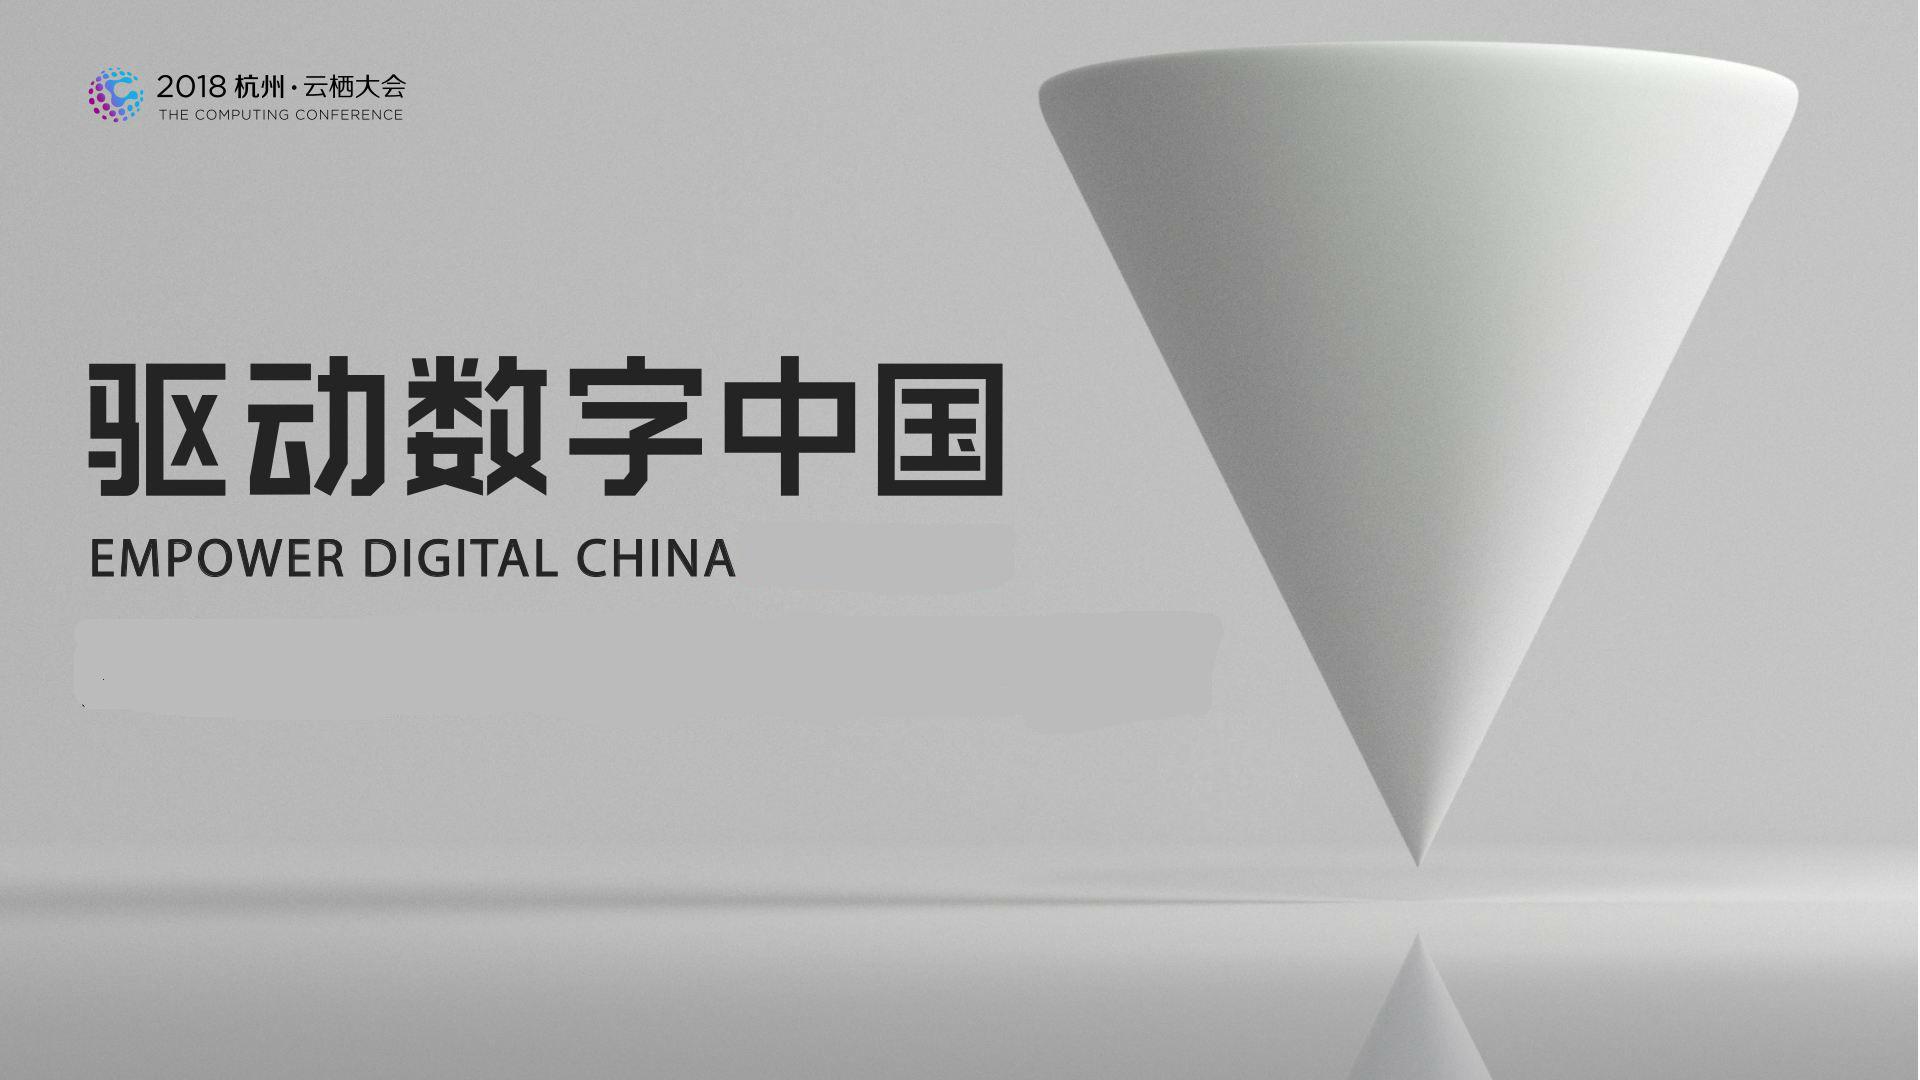 驱动数字中国-1.jpg